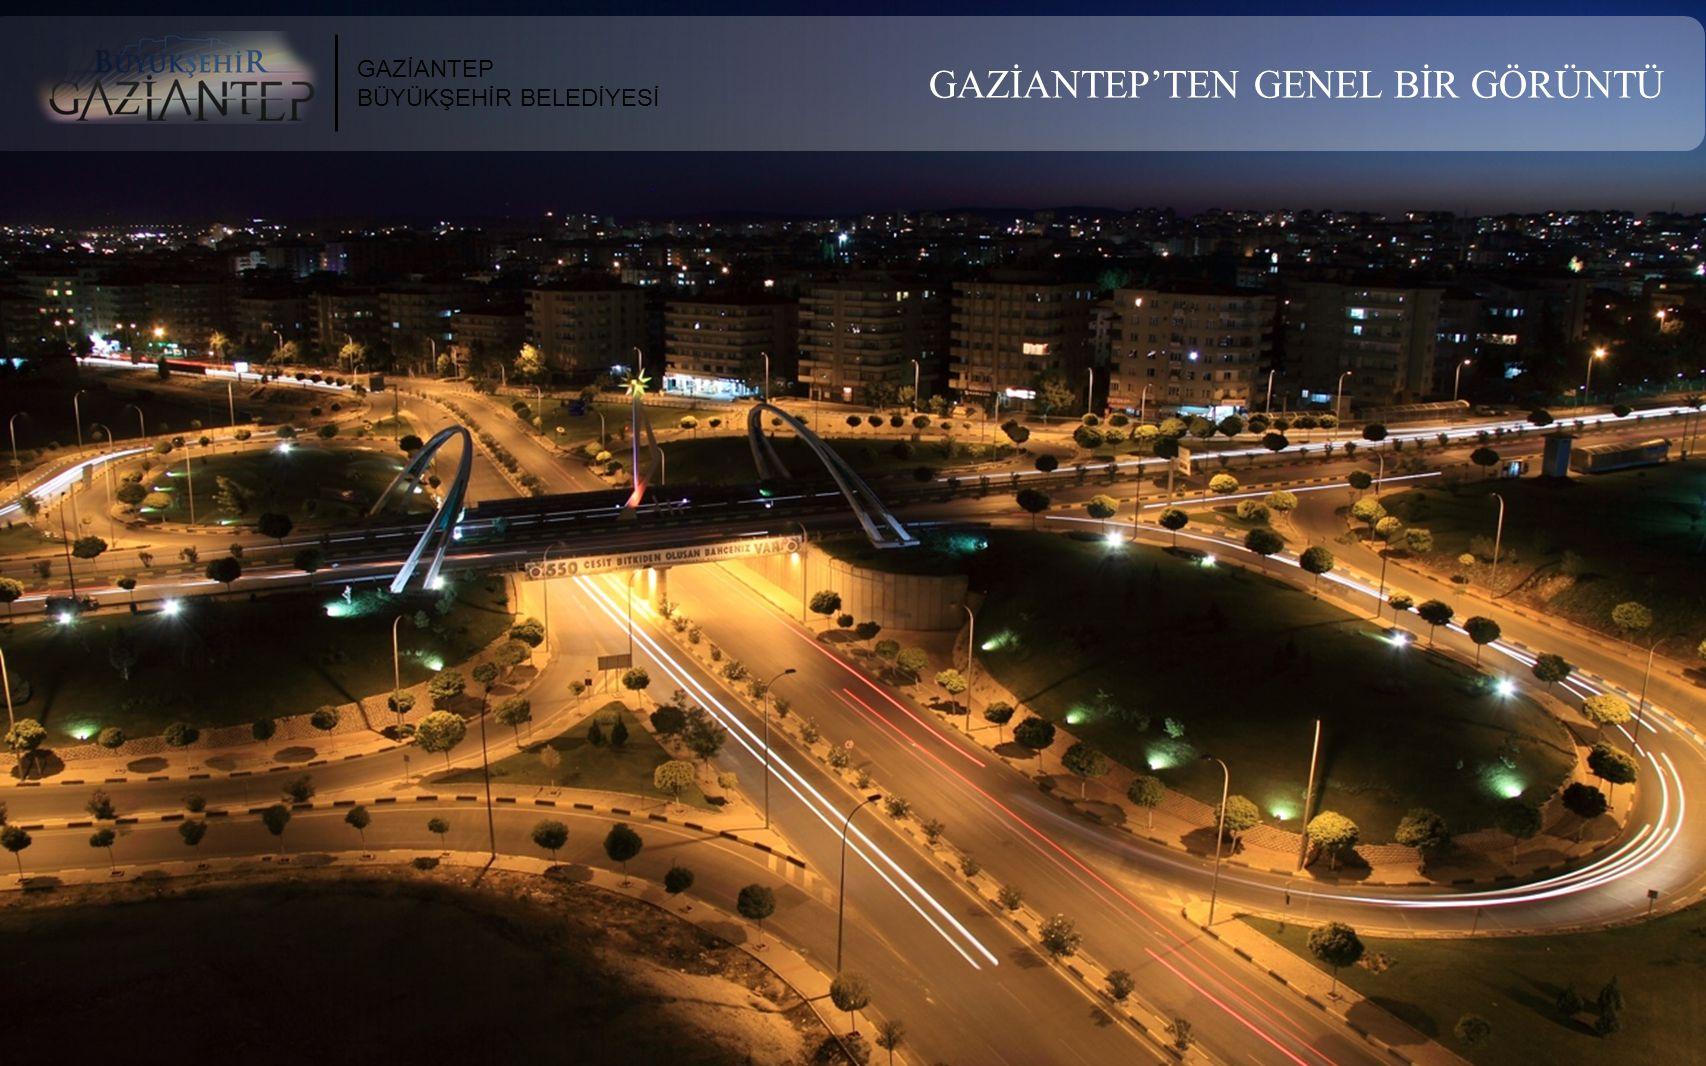 GAZİANTEP'TEN GENEL BİR GÖRÜNTÜ